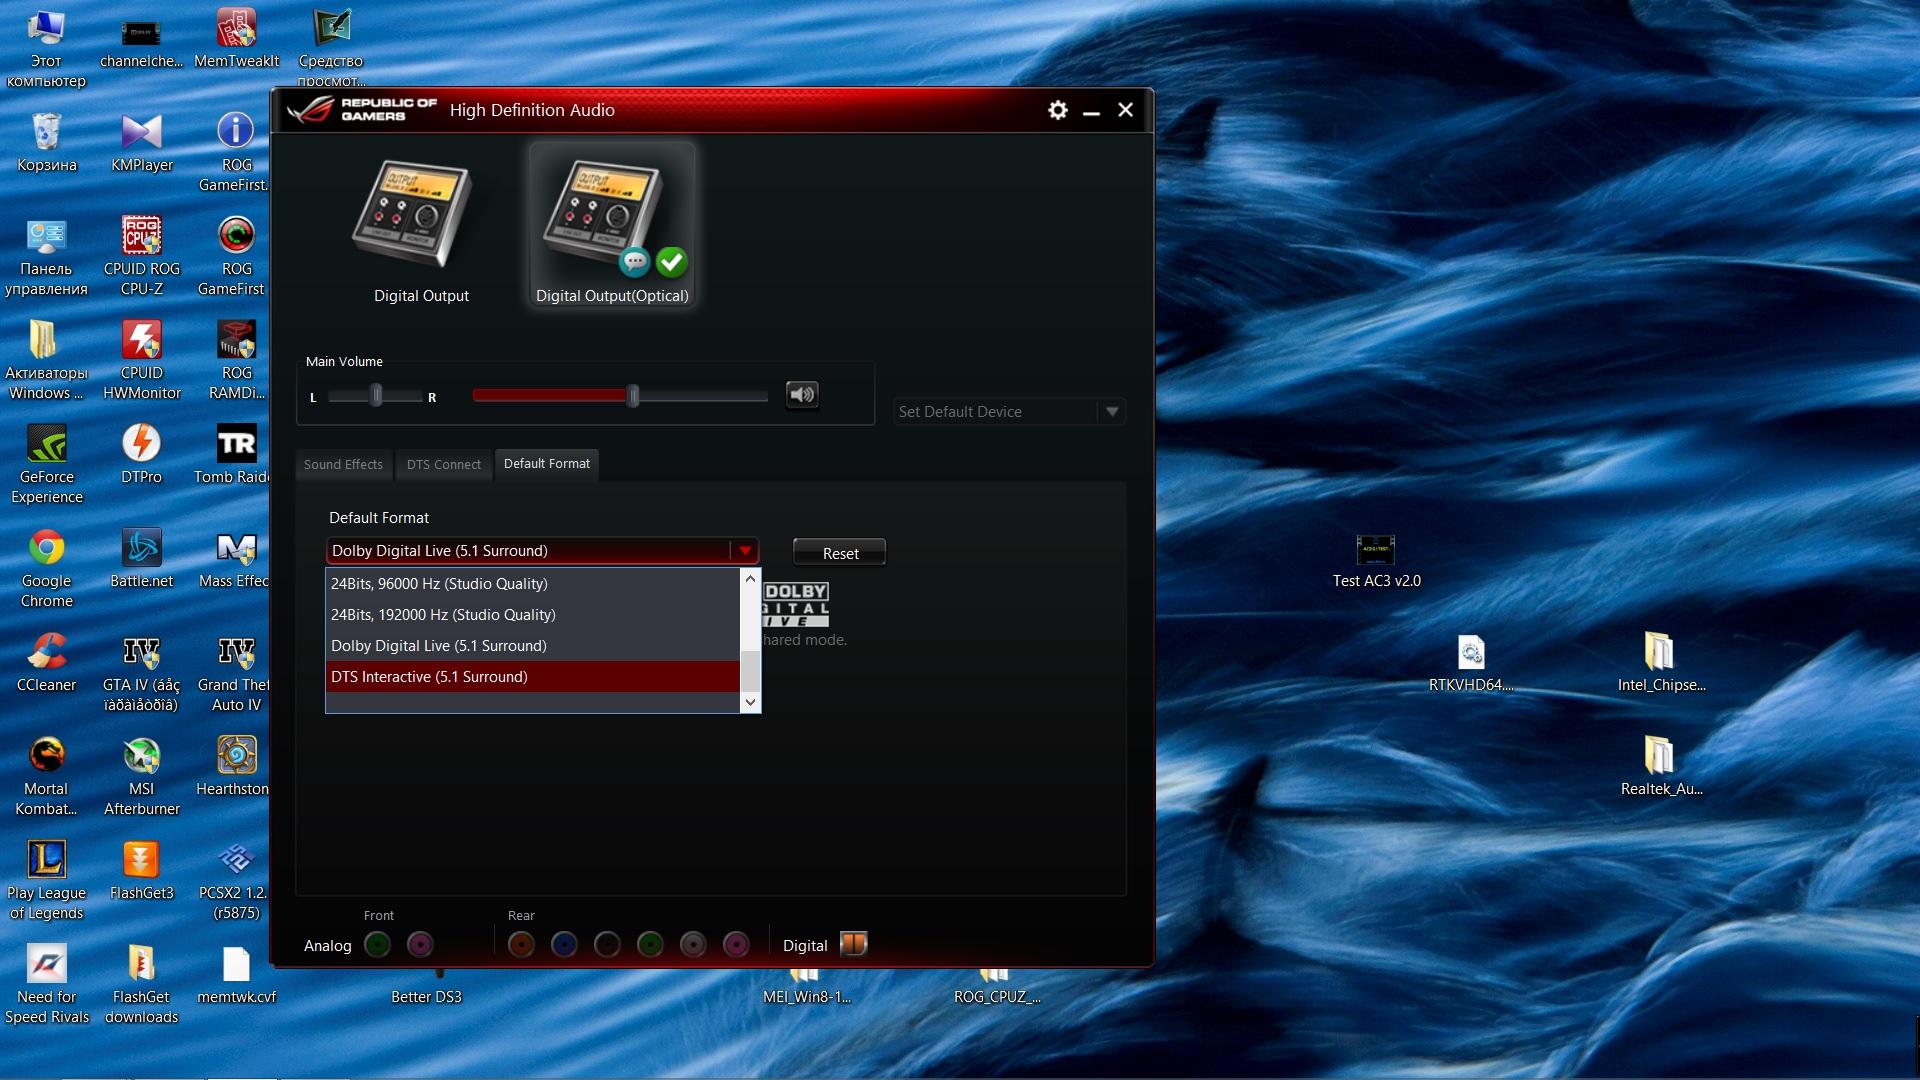 Realtek hd для windows 7 64 bit скачать